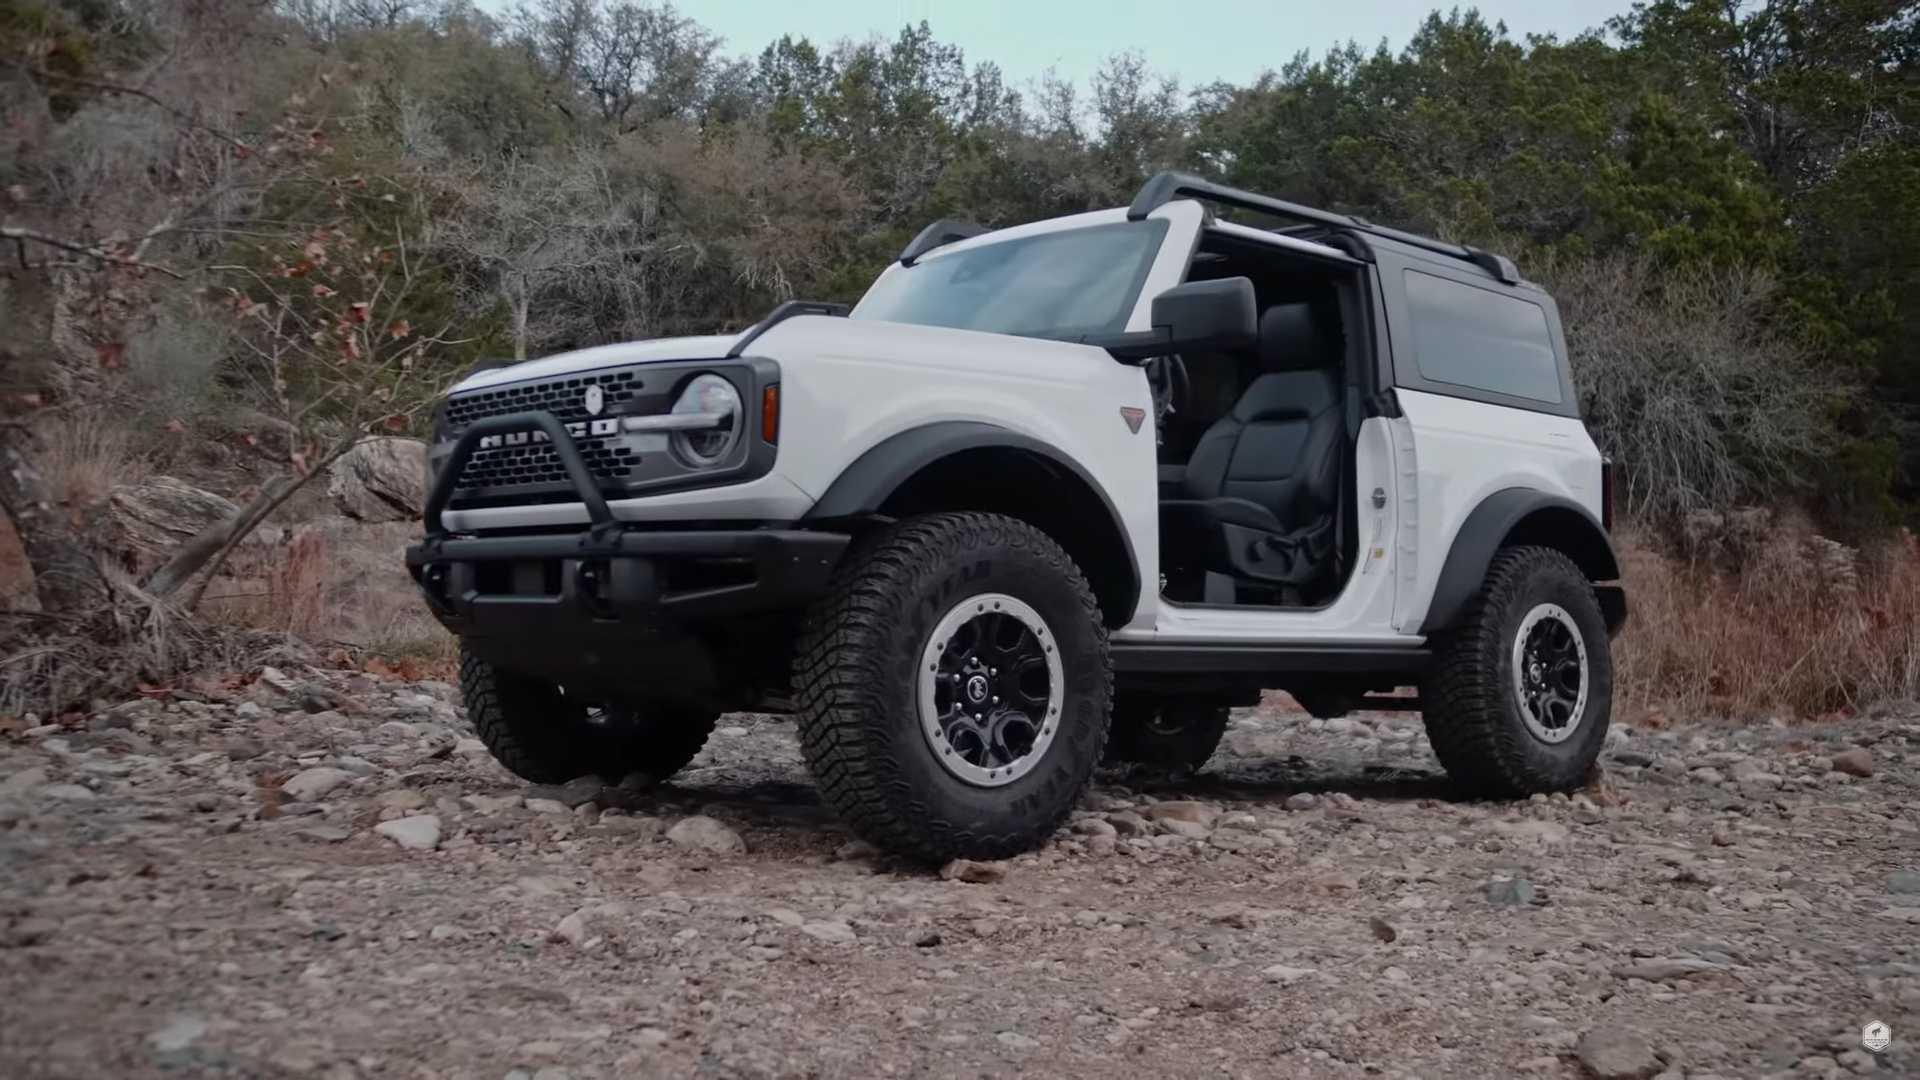 Ford Bronco Badlands 2021 года без дверей получит обходное лечение